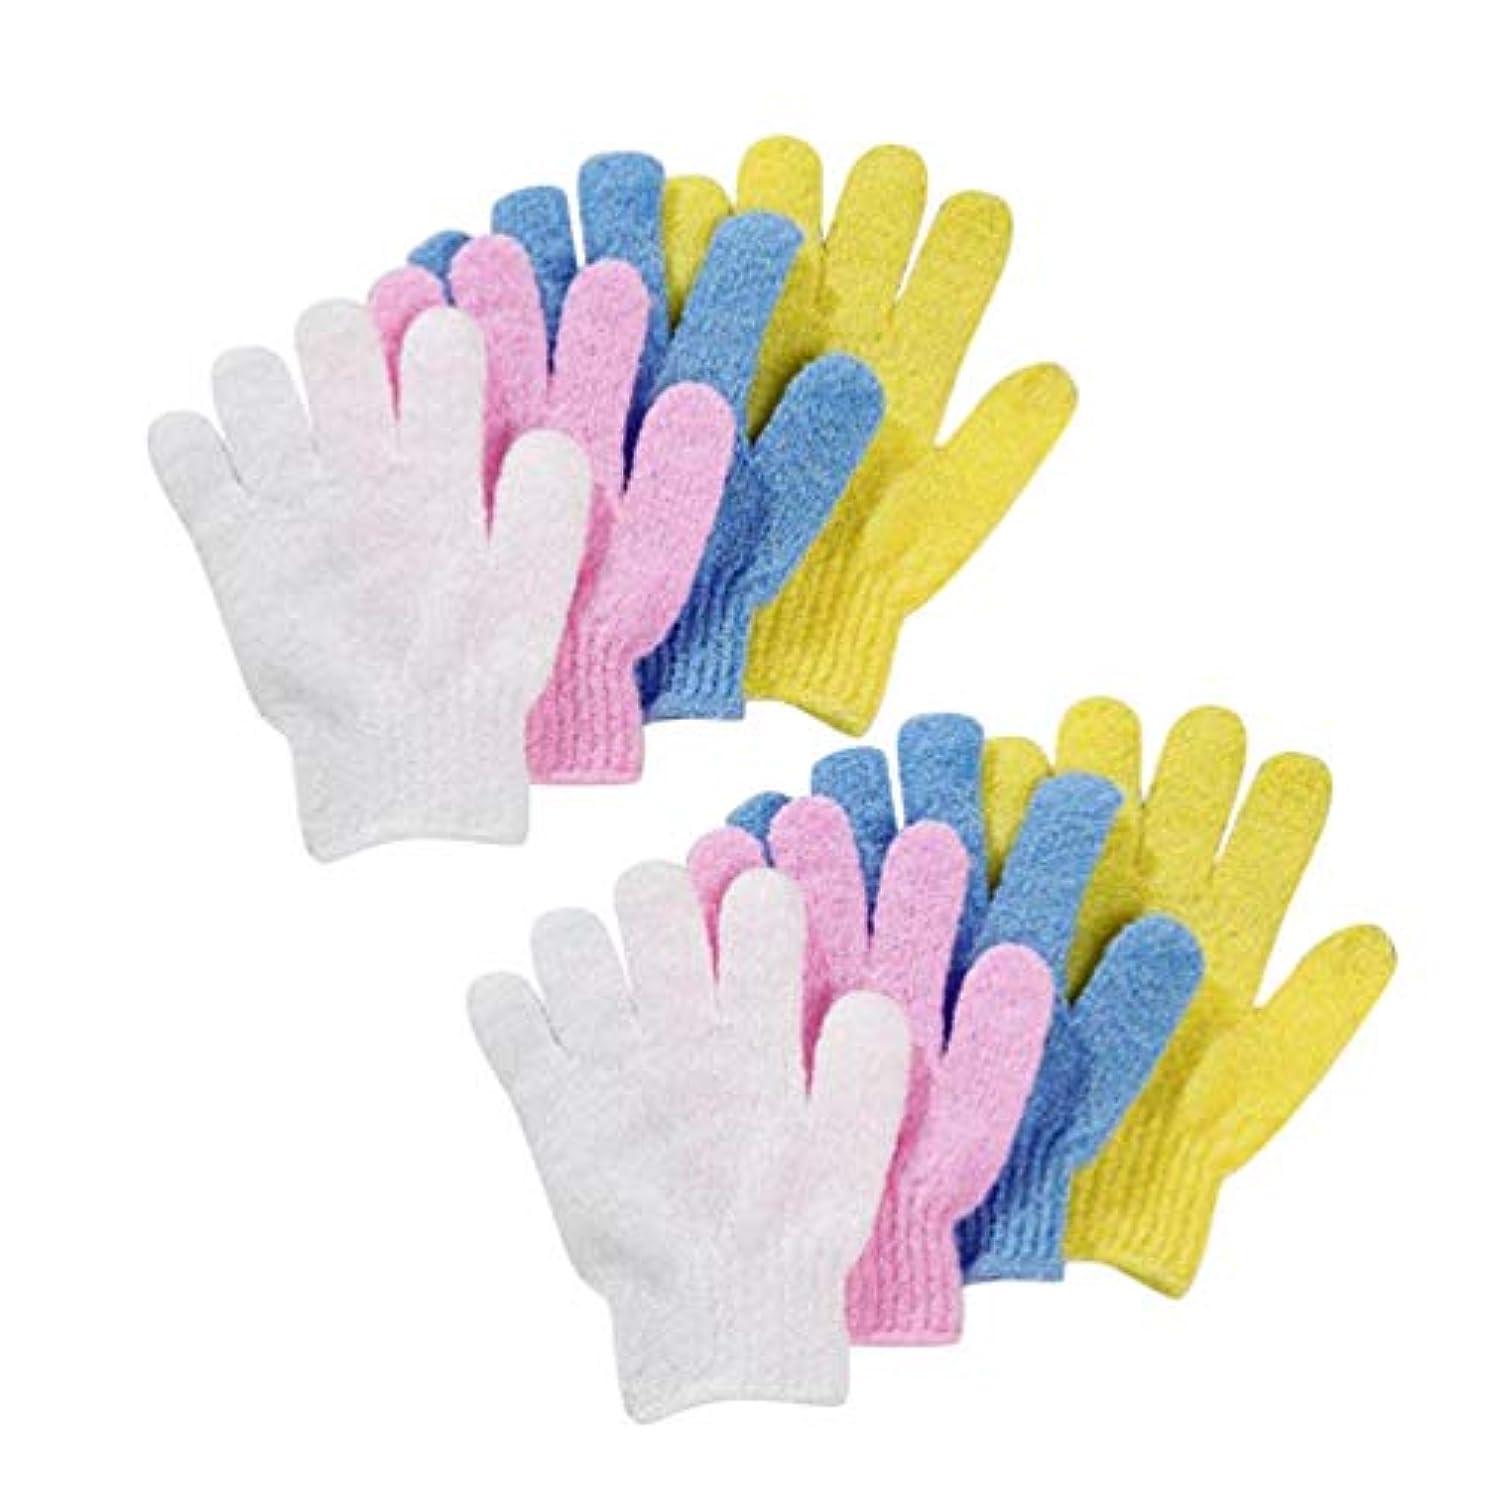 準備した動物に同意するFrcolor 浴用手袋 お風呂手袋 五本指 泡立ち 角質取り シャワーバスグローブ ナイロン 垢すり手袋 バス用品 4ペア 8枚セット(ホワイト)